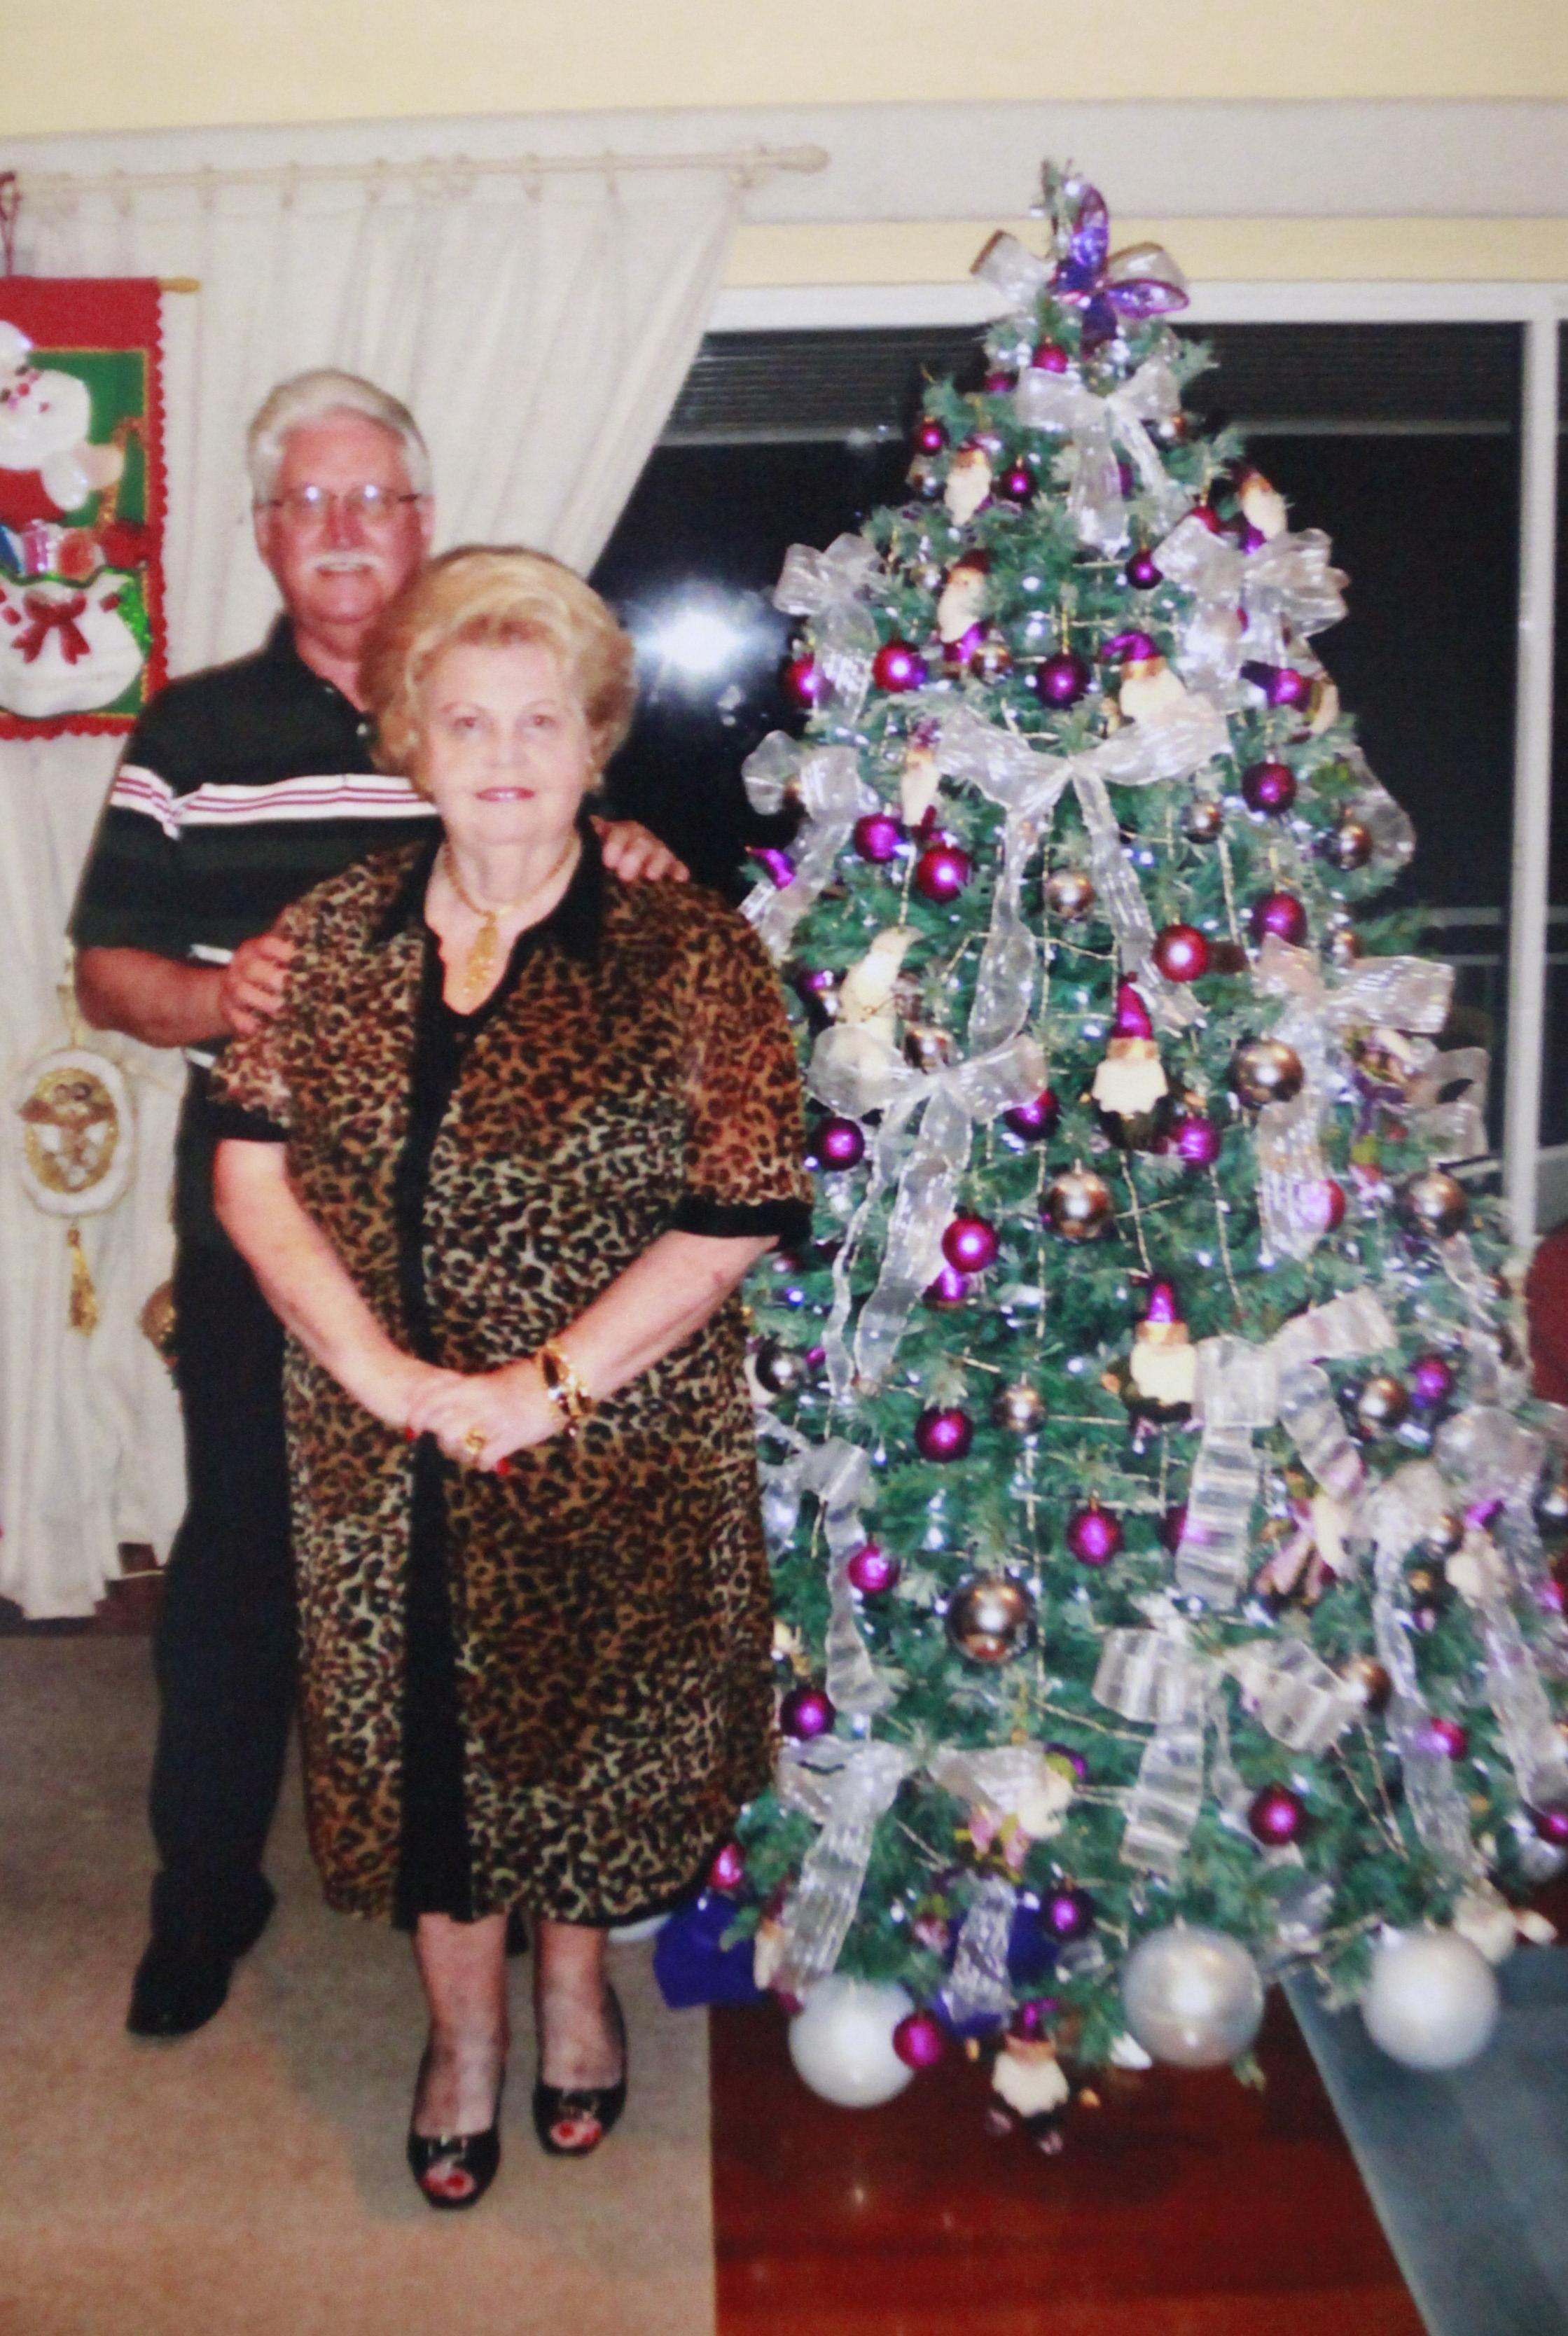 Dona Ingrid, em foto de data desconhecida, mas de tradicional comemoração natalina - Álbum da Família/Divulgação/ND